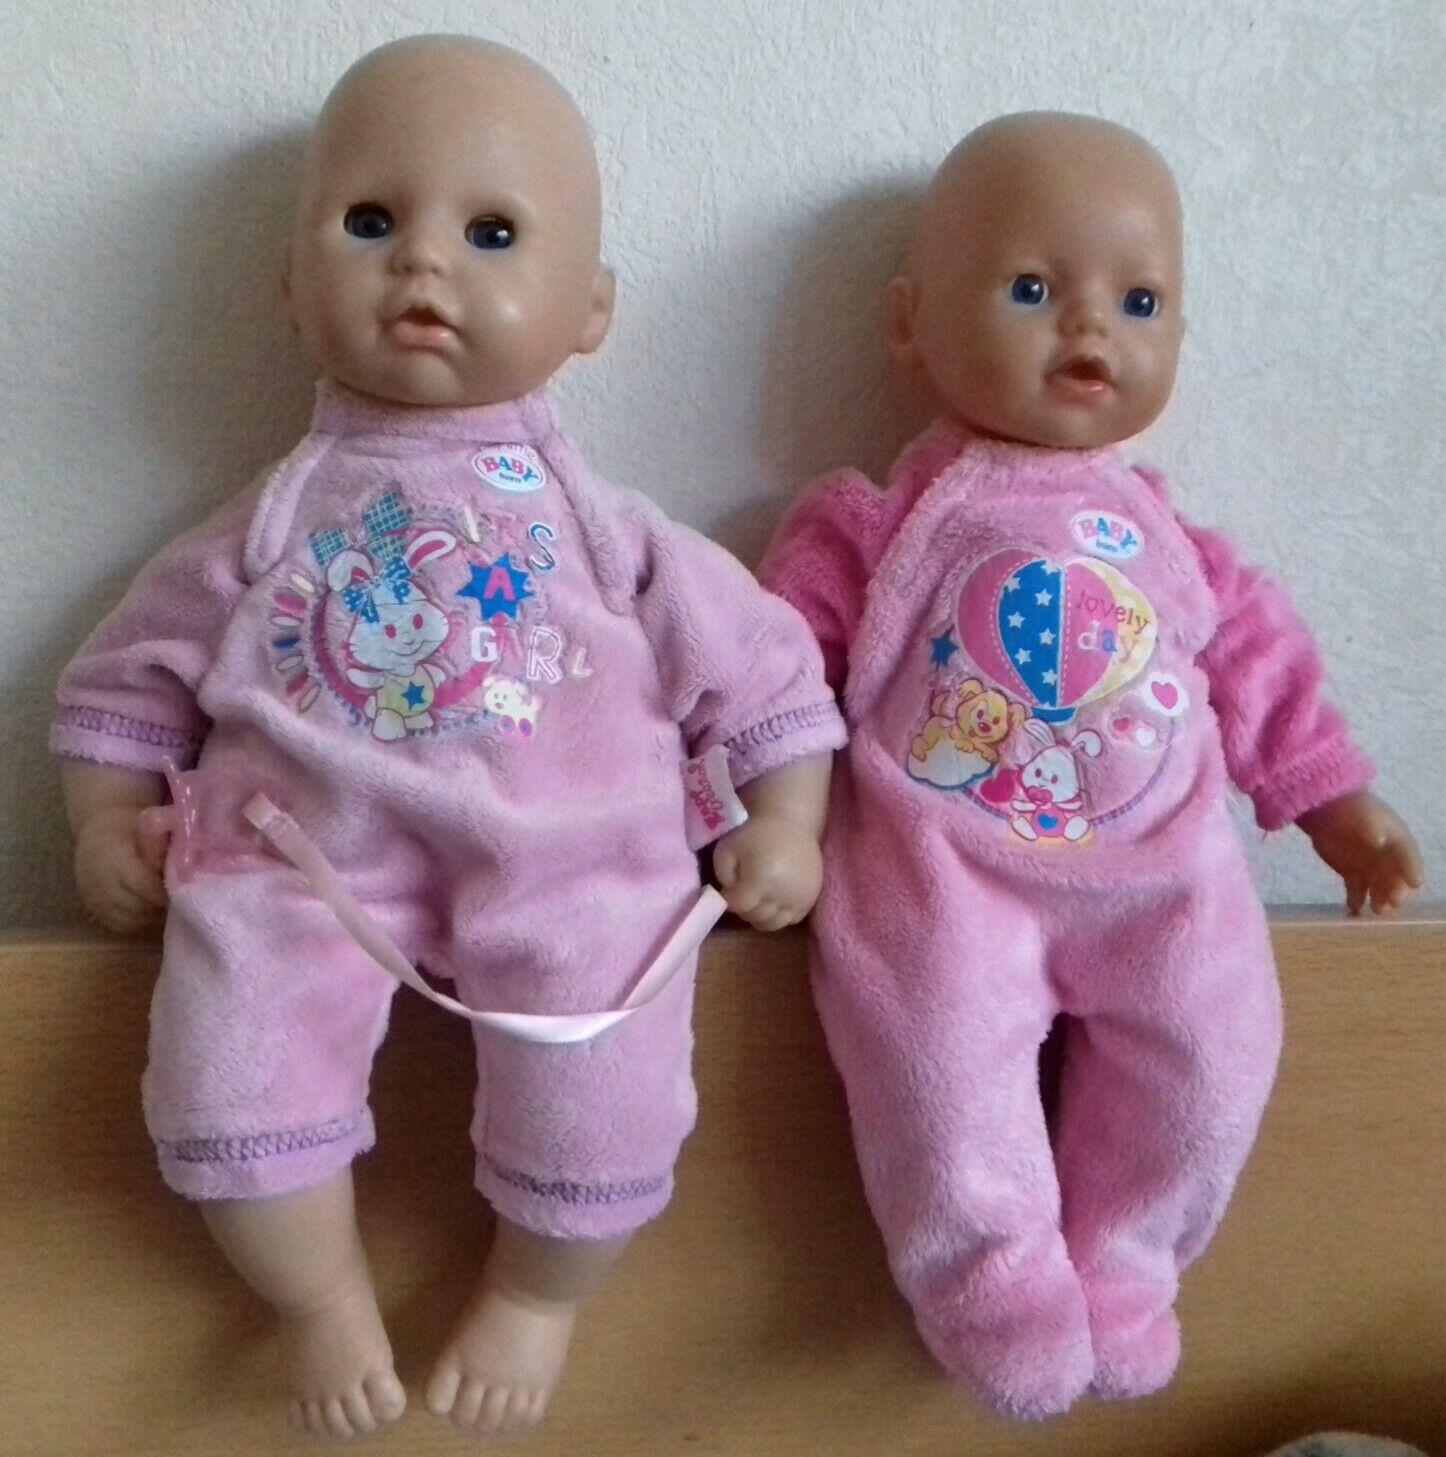 2 Baby Born Puppen, Zapf Creation, gut erhalten | eBay